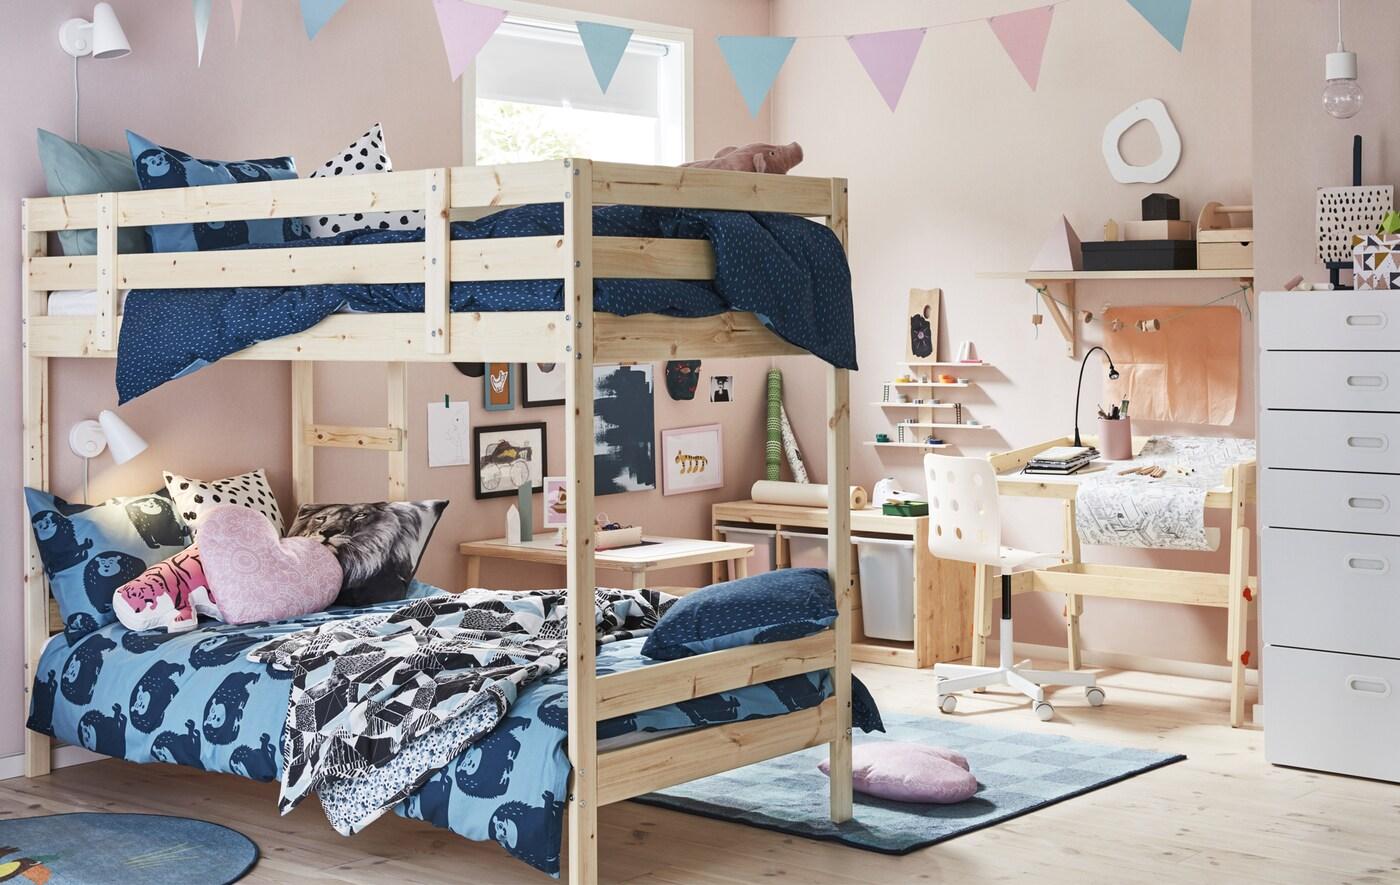 Etagenbett Ikea Mydal : Gestalte ein kinderzimmer für kreative köpfe ikea